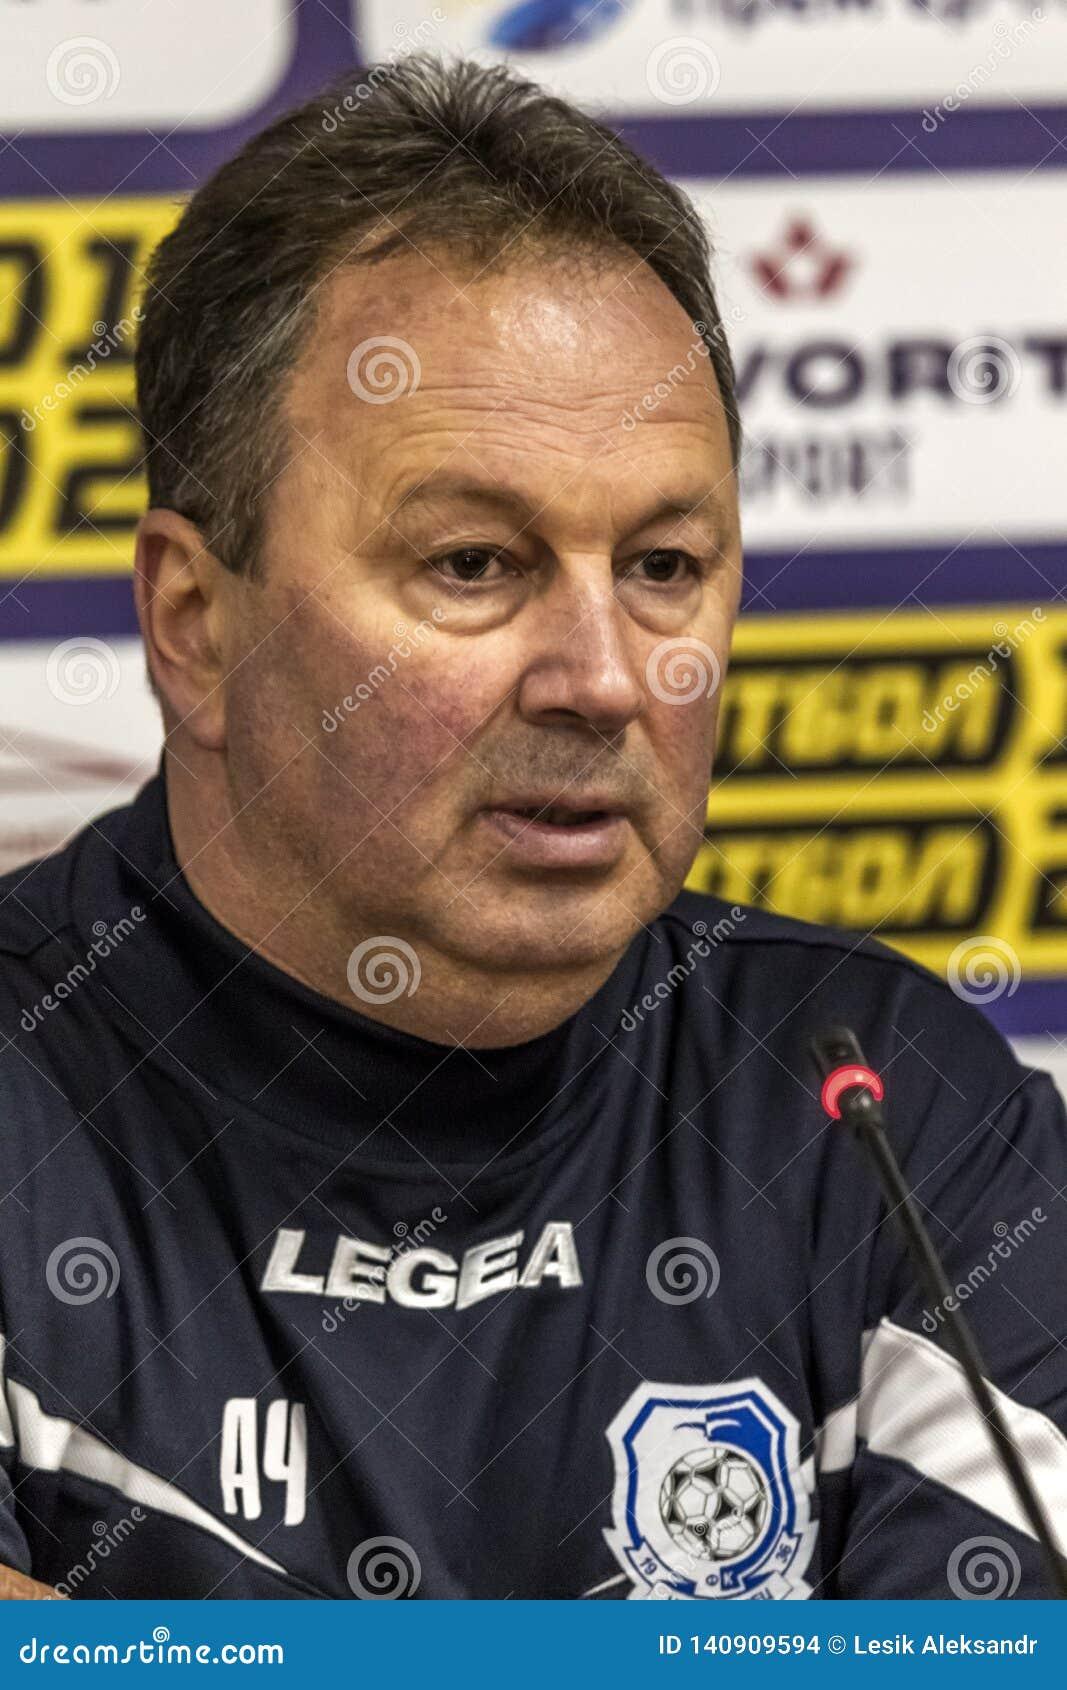 傲德萨,乌克兰2019年3月-2:在比赛切尔诺莫雷茨期间的传奇著名足球教练FC切尔诺莫雷茨傲德萨天使切尔文科夫